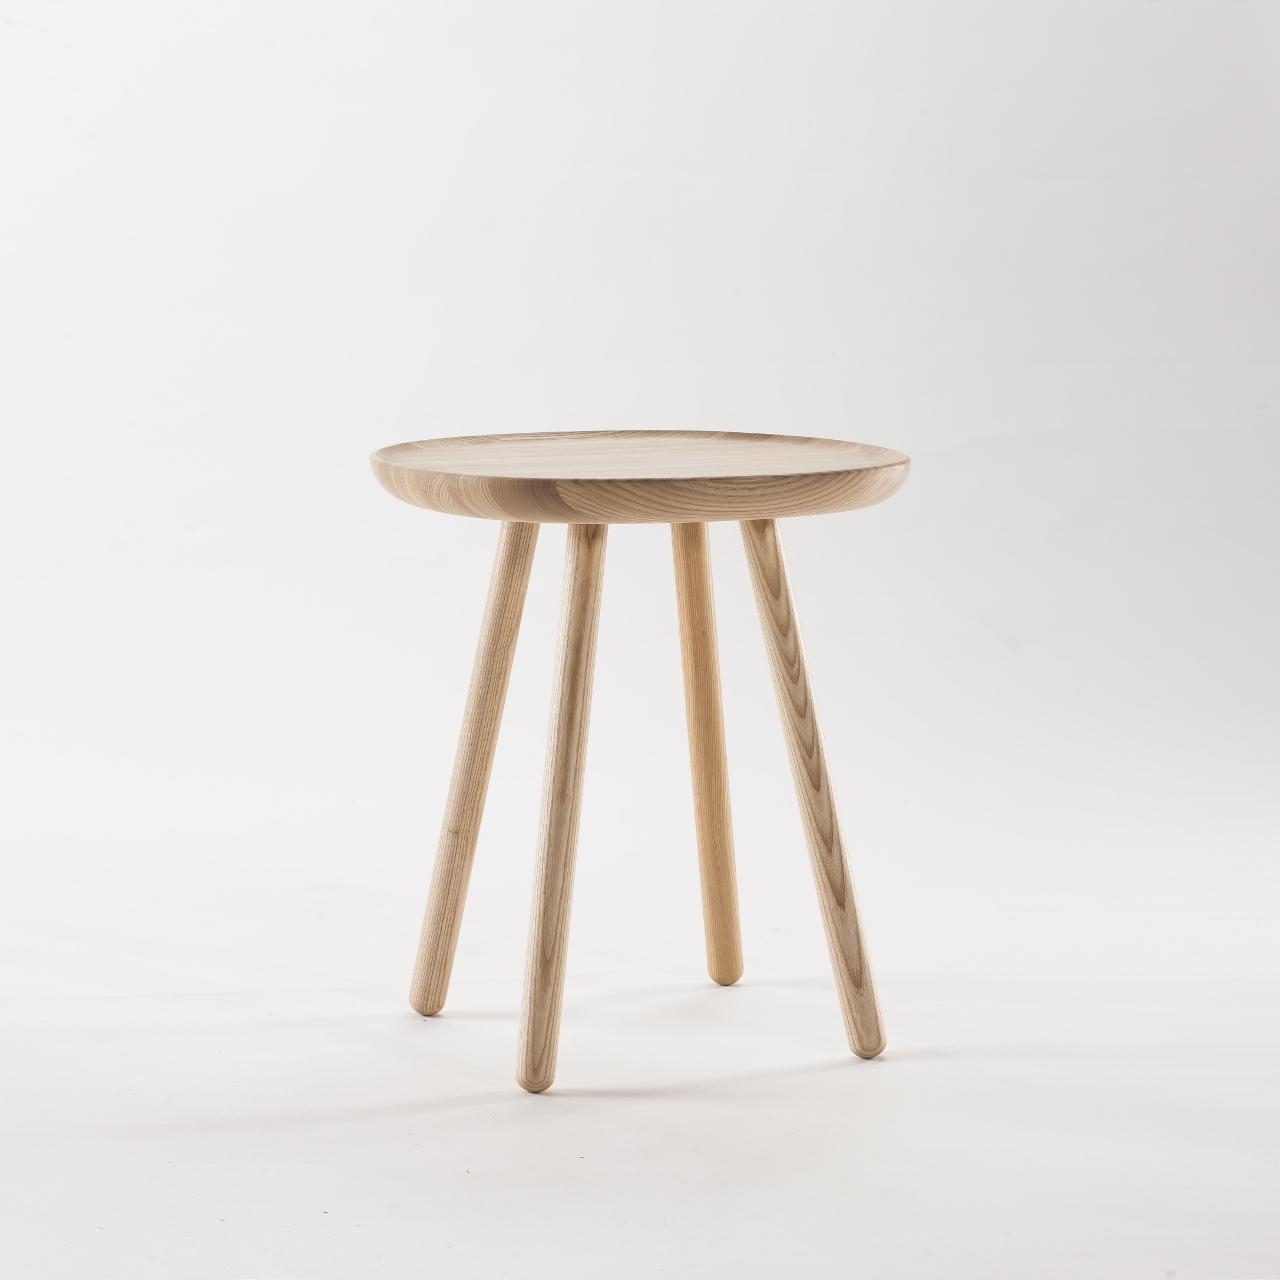 Bezaubernd Holz Beistelltisch Dekoration Von Design Kaufen